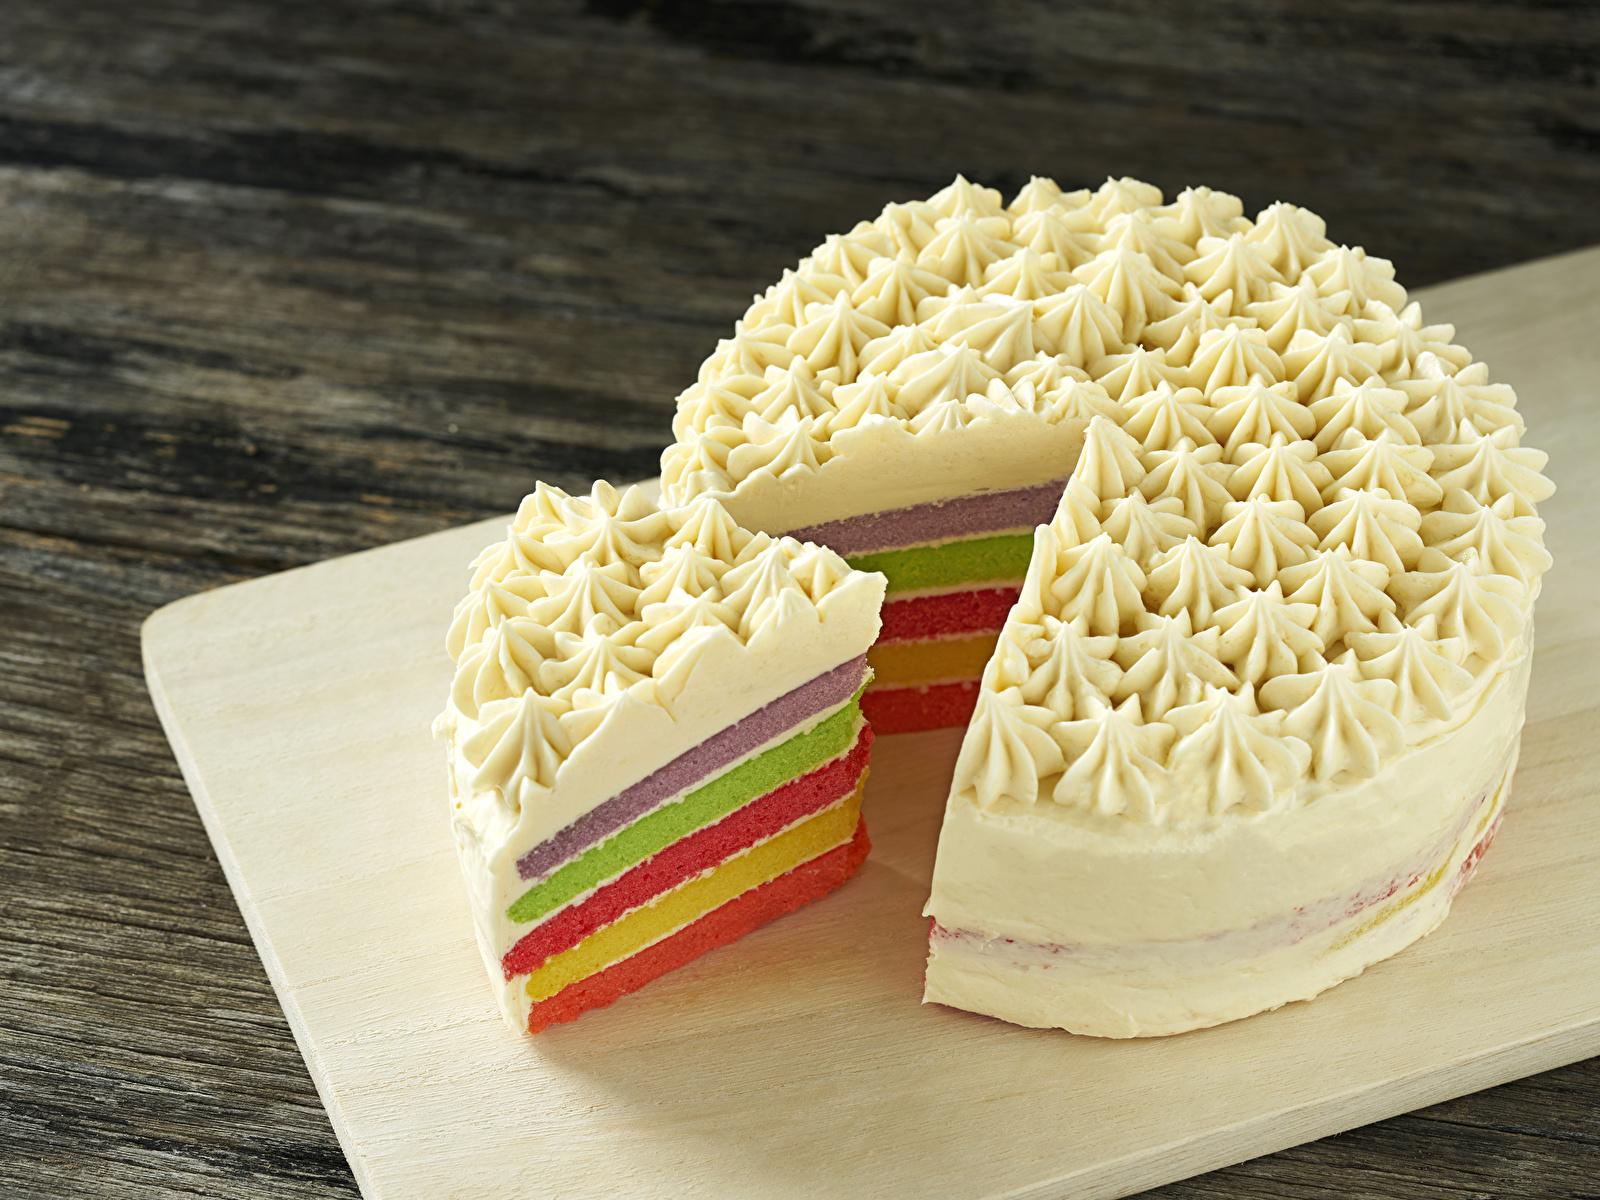 Картинки Торты кусочки Продукты питания сладкая еда 1600x1200 часть Кусок кусочек Еда Пища Сладости